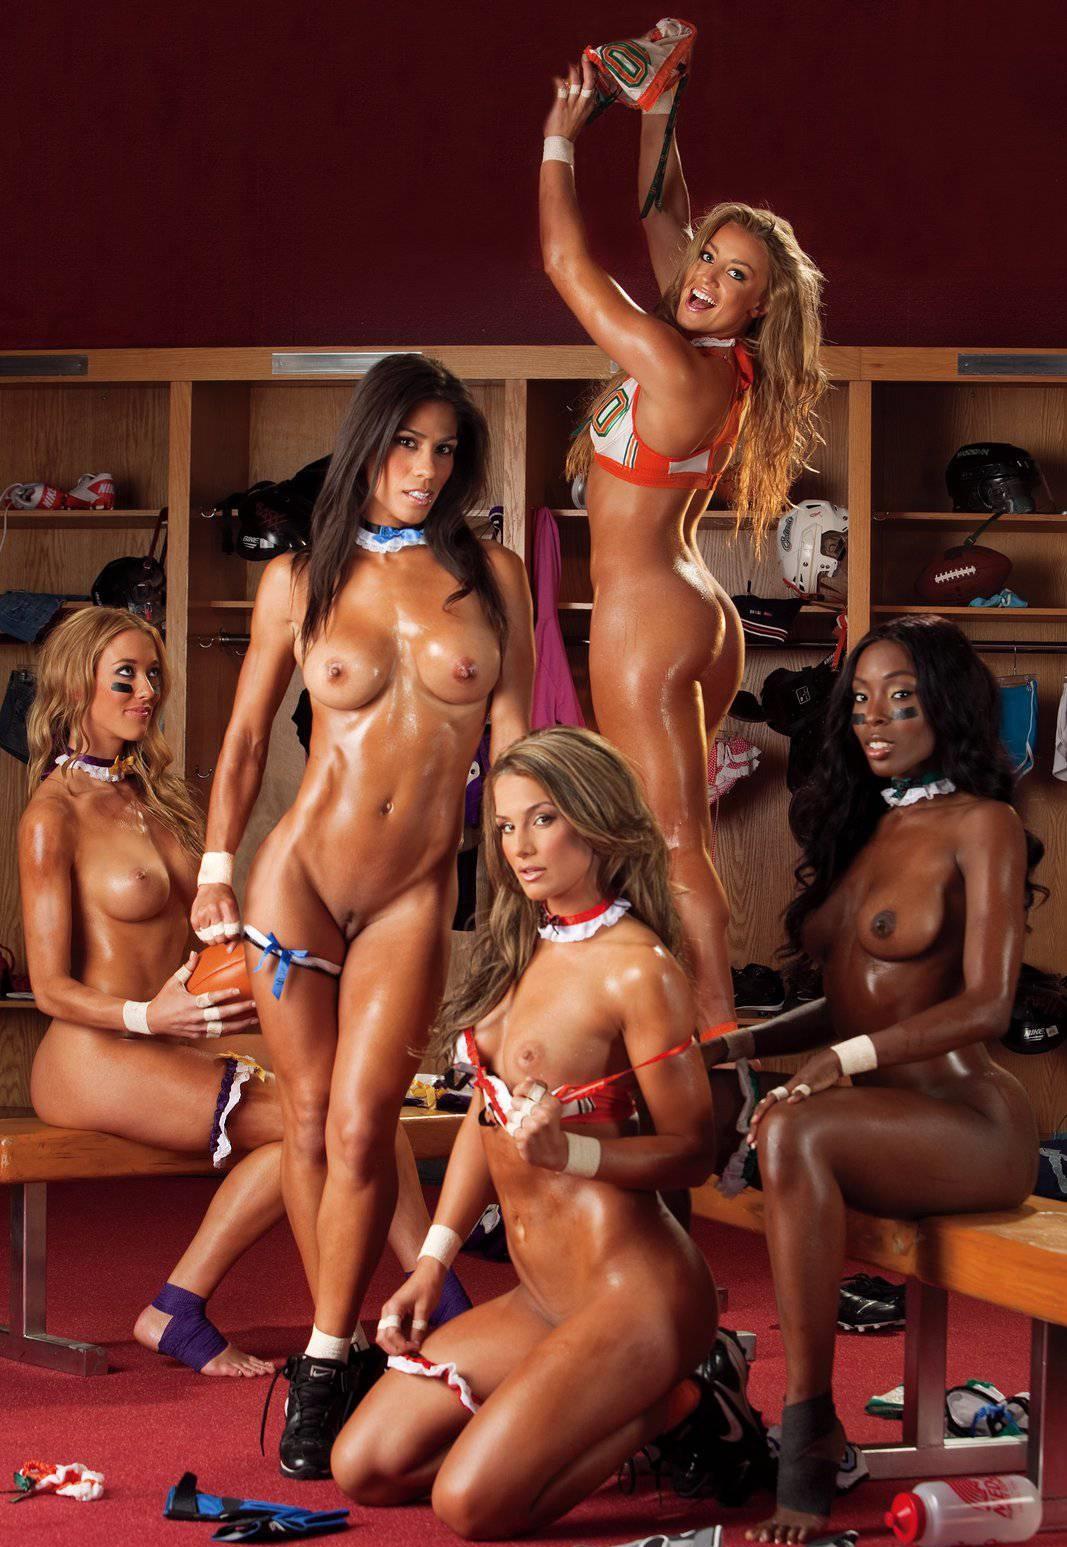 довольно засмеялась порнуха с командой девушек из группы поддержки показала